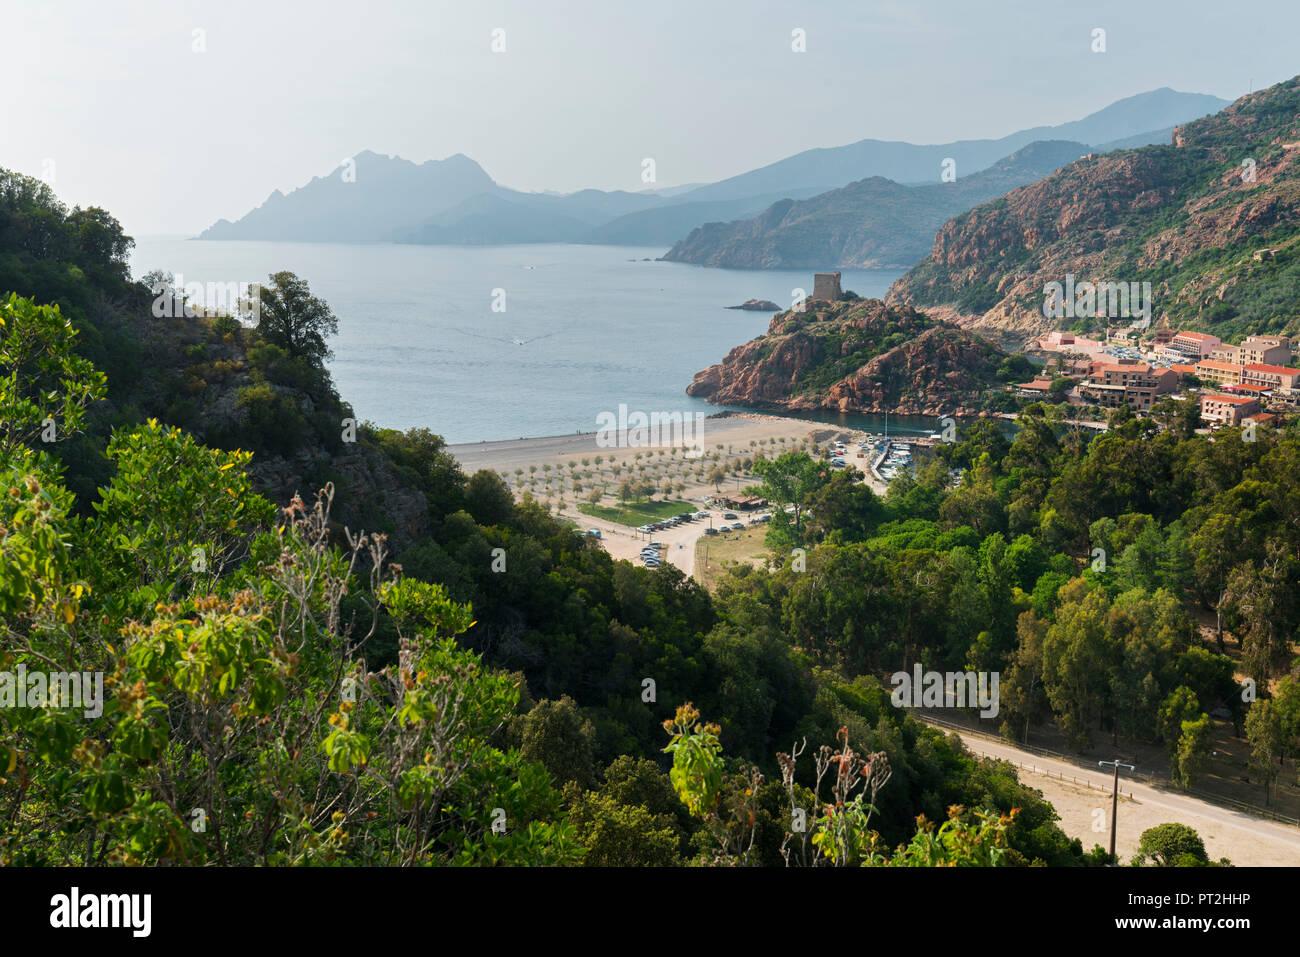 Porto, Calanche, Corsica, France - Stock Image